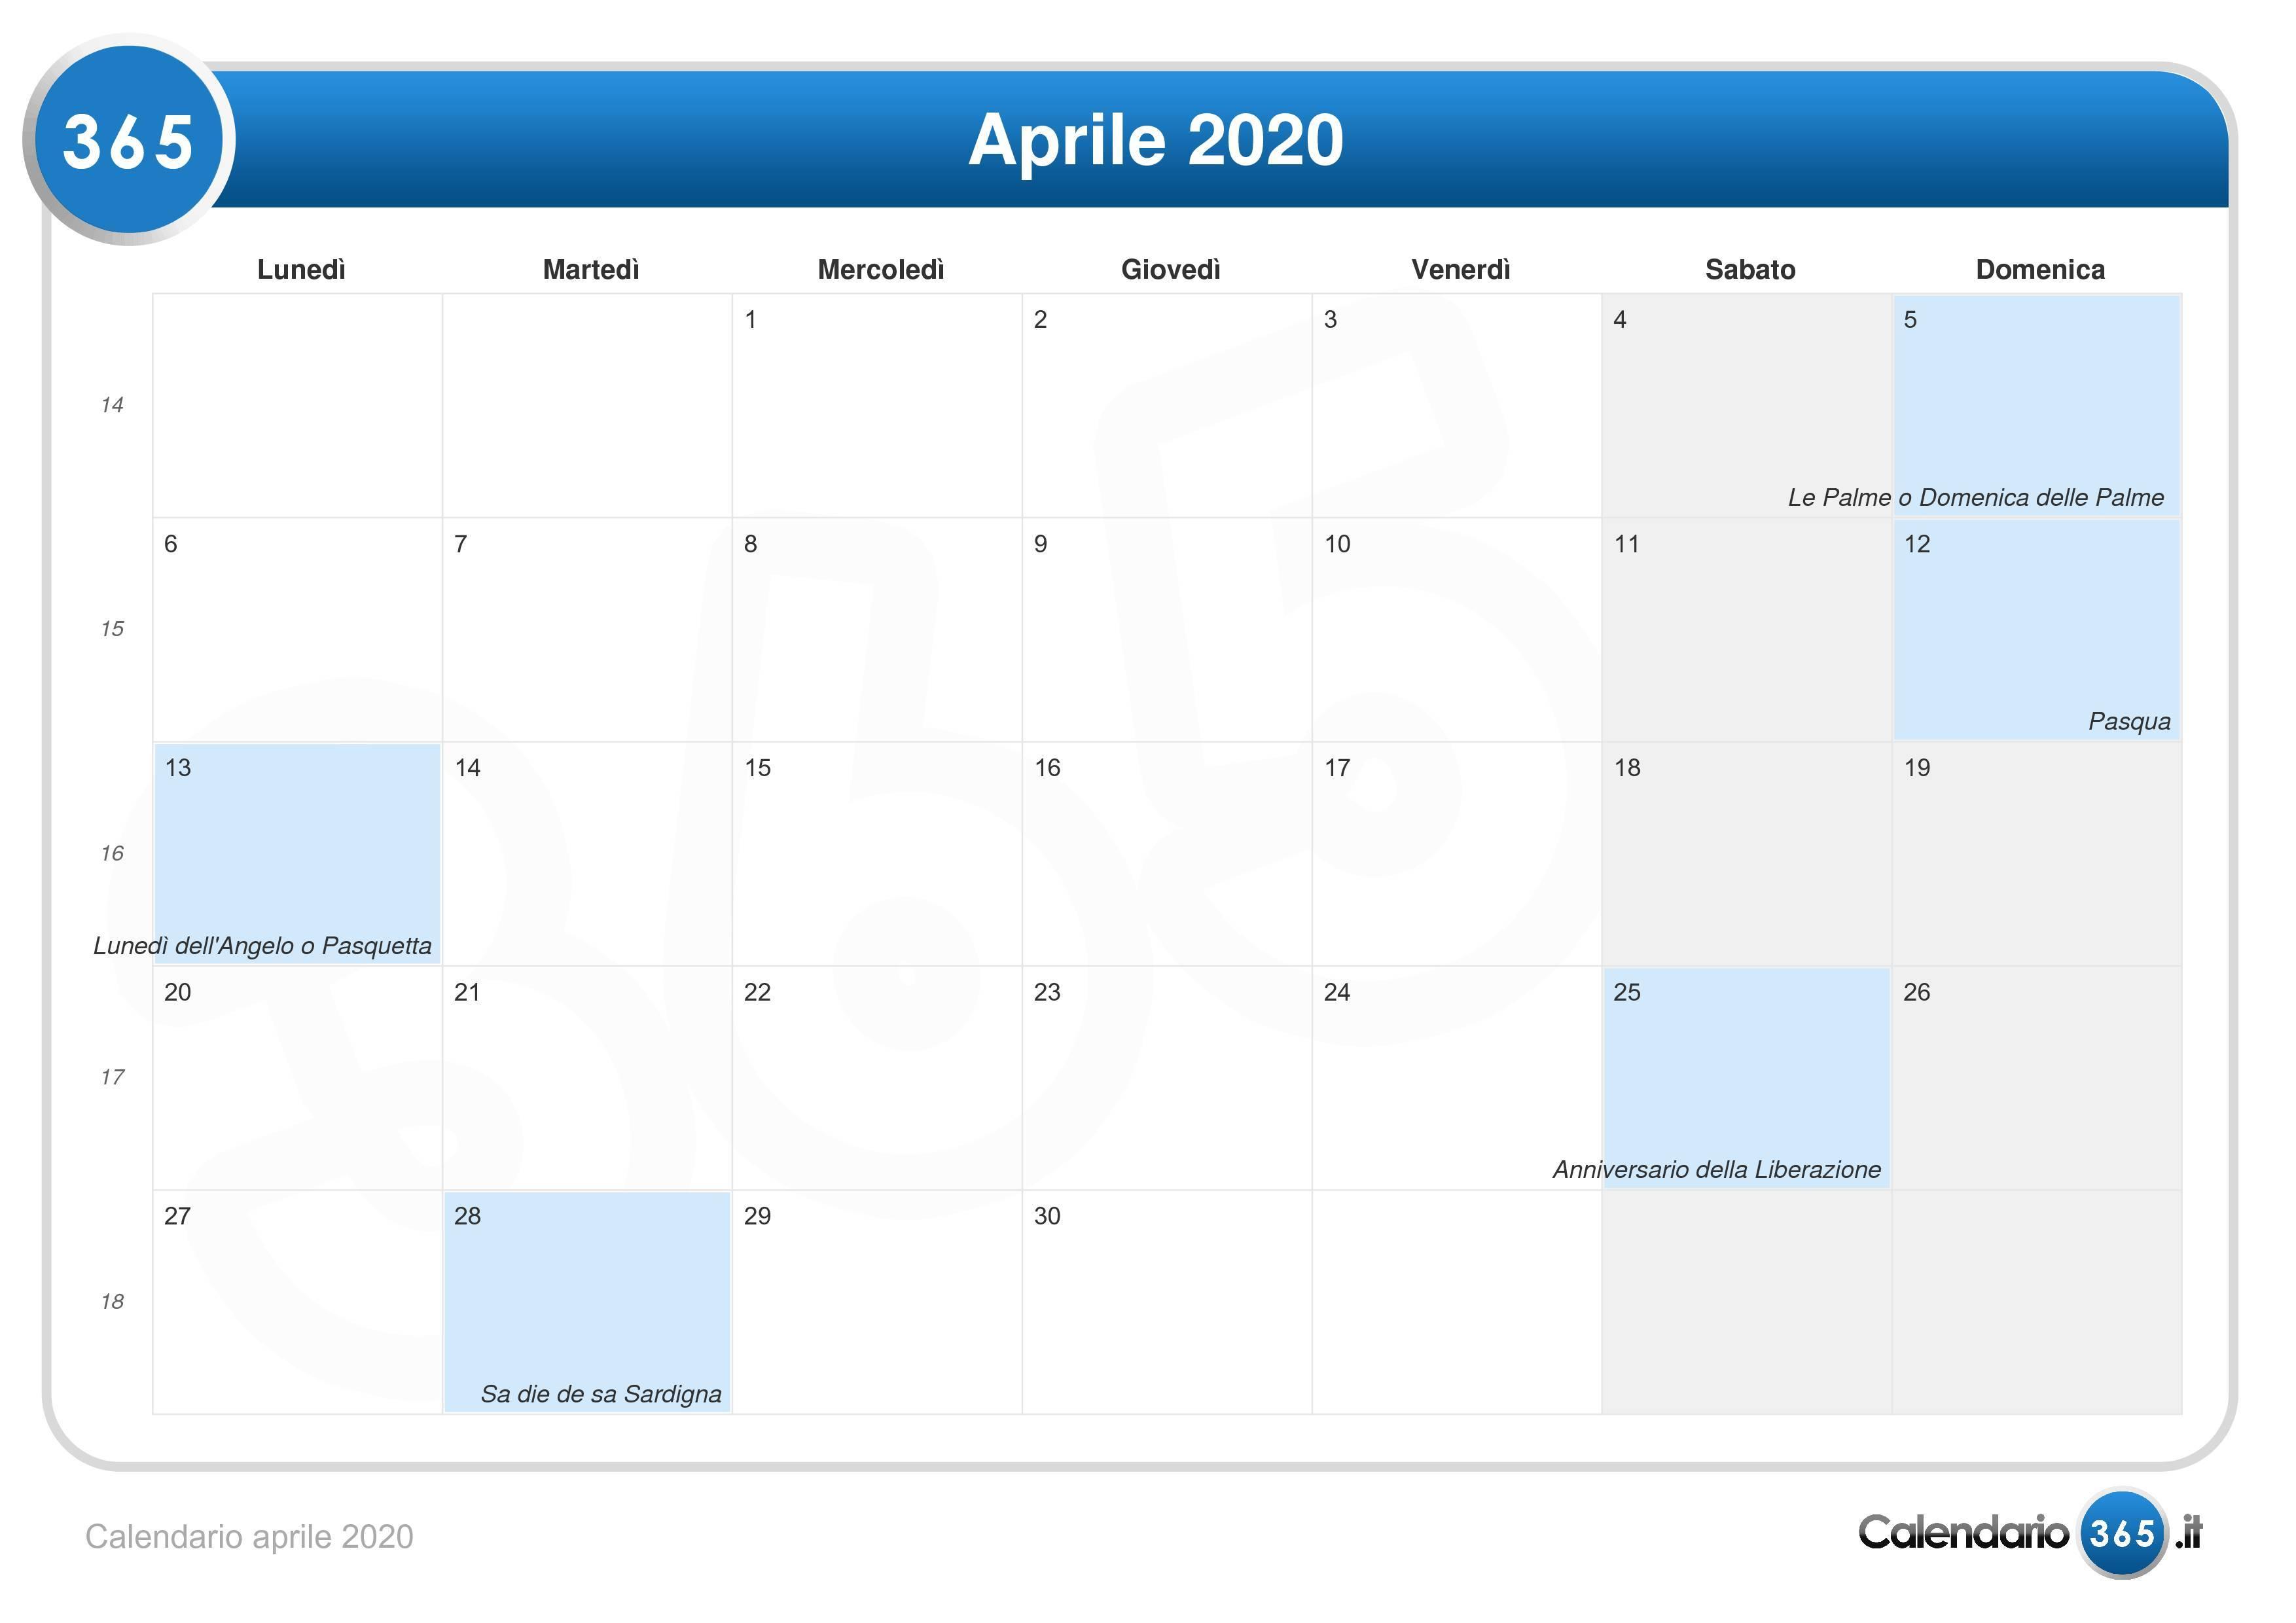 Calendario Italiano 2020 Con Festivita.Calendario Aprile 2020